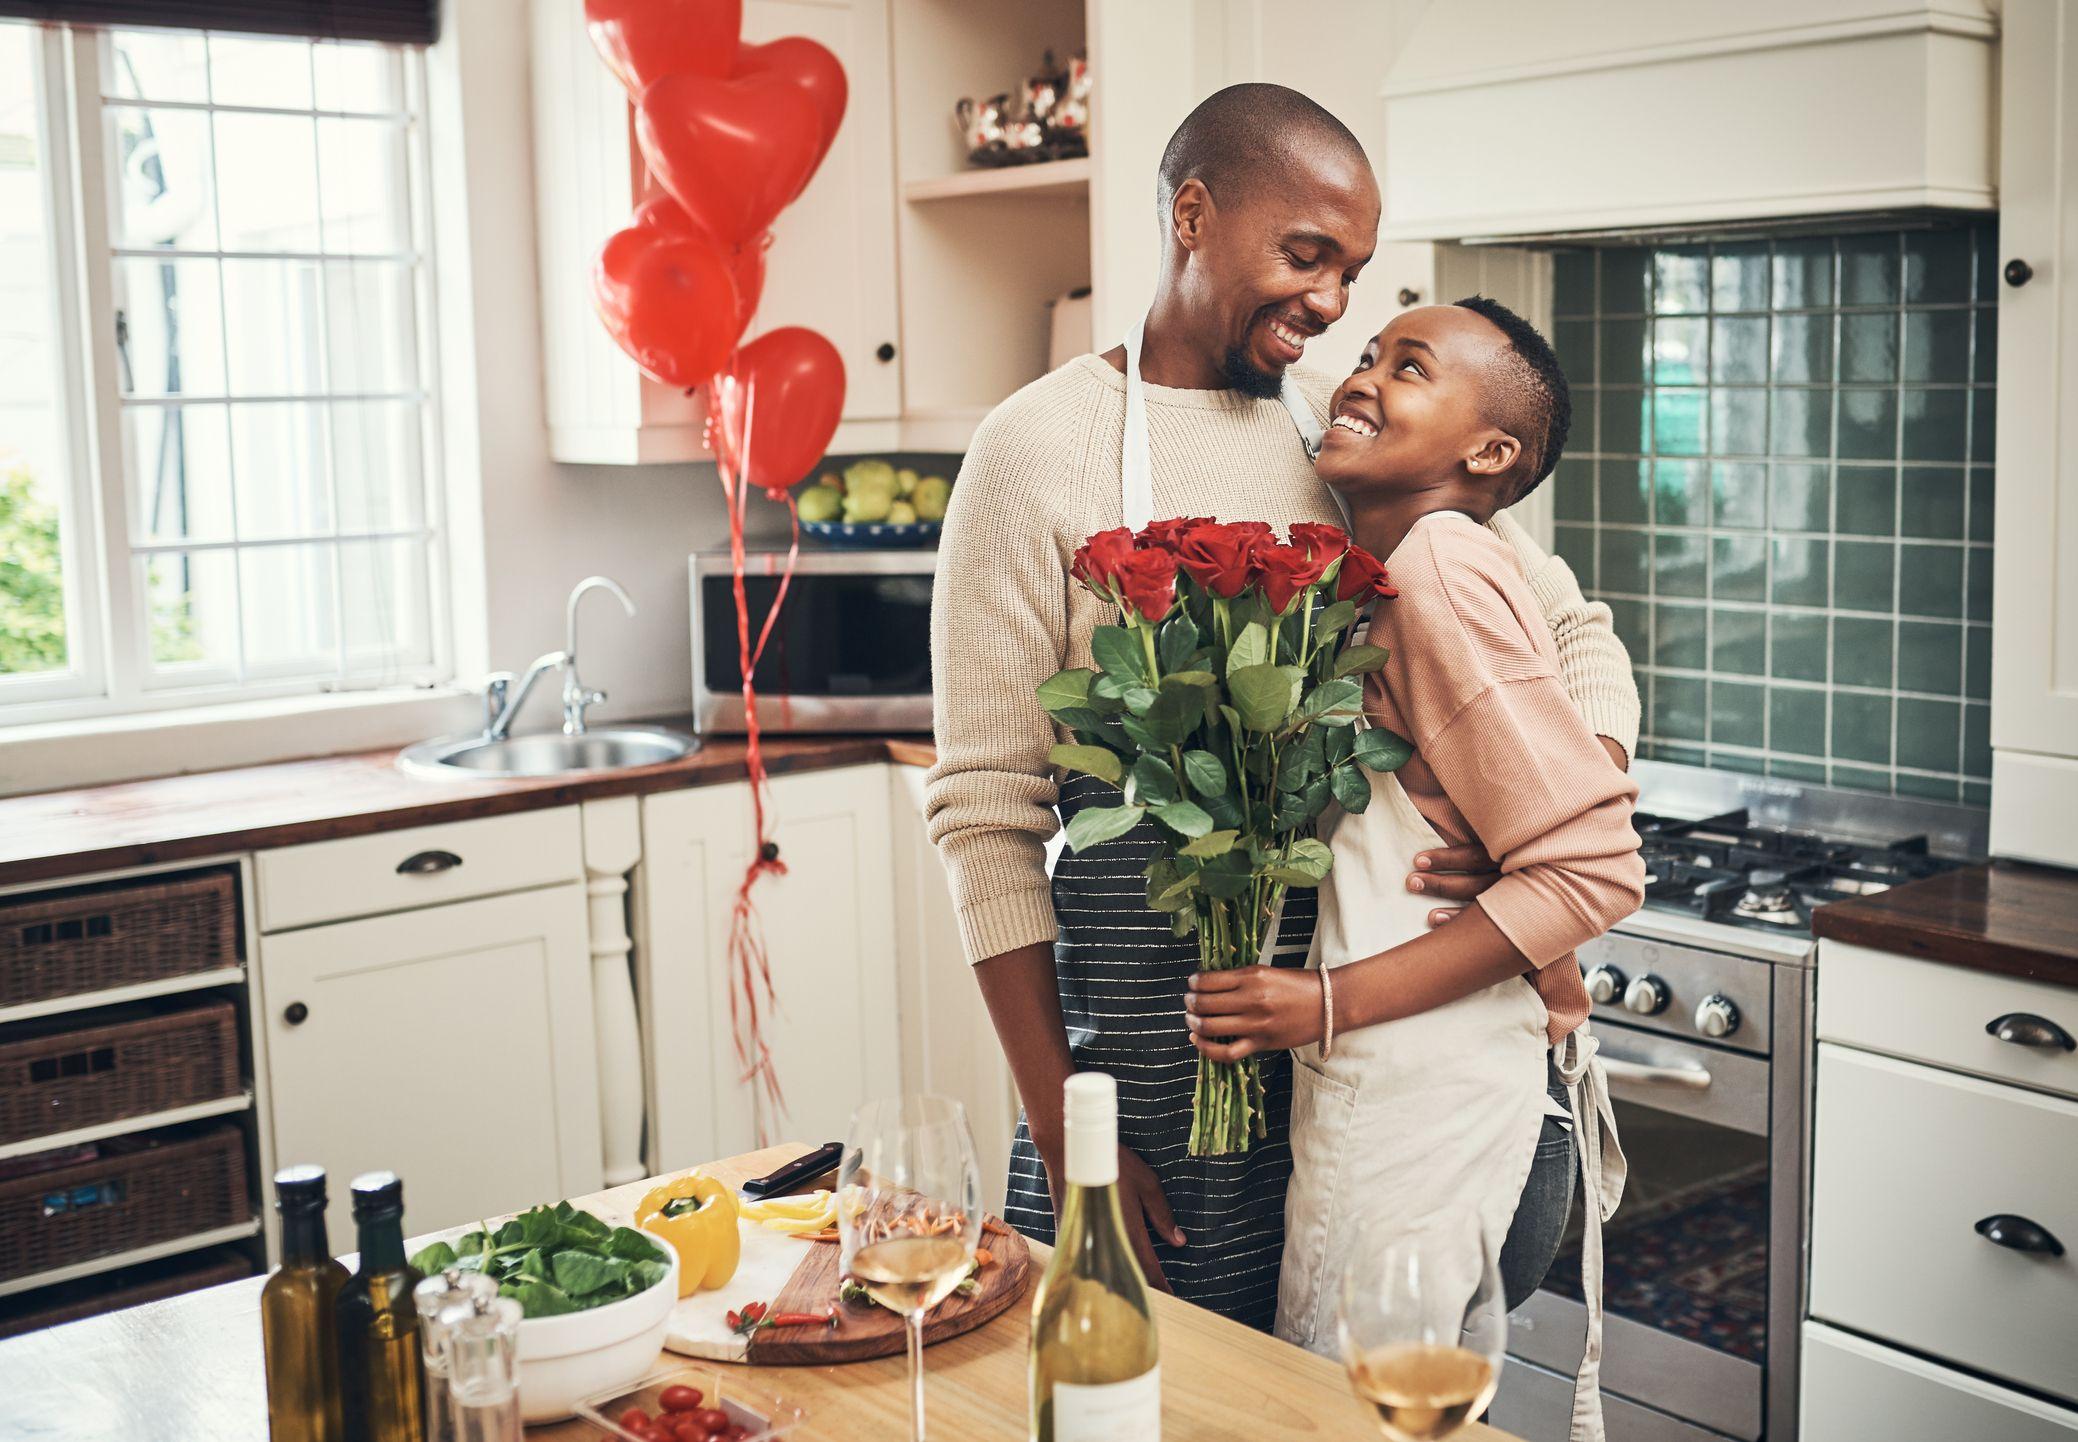 svart par på et kjøkken med røde ballonger, vin og røde roser